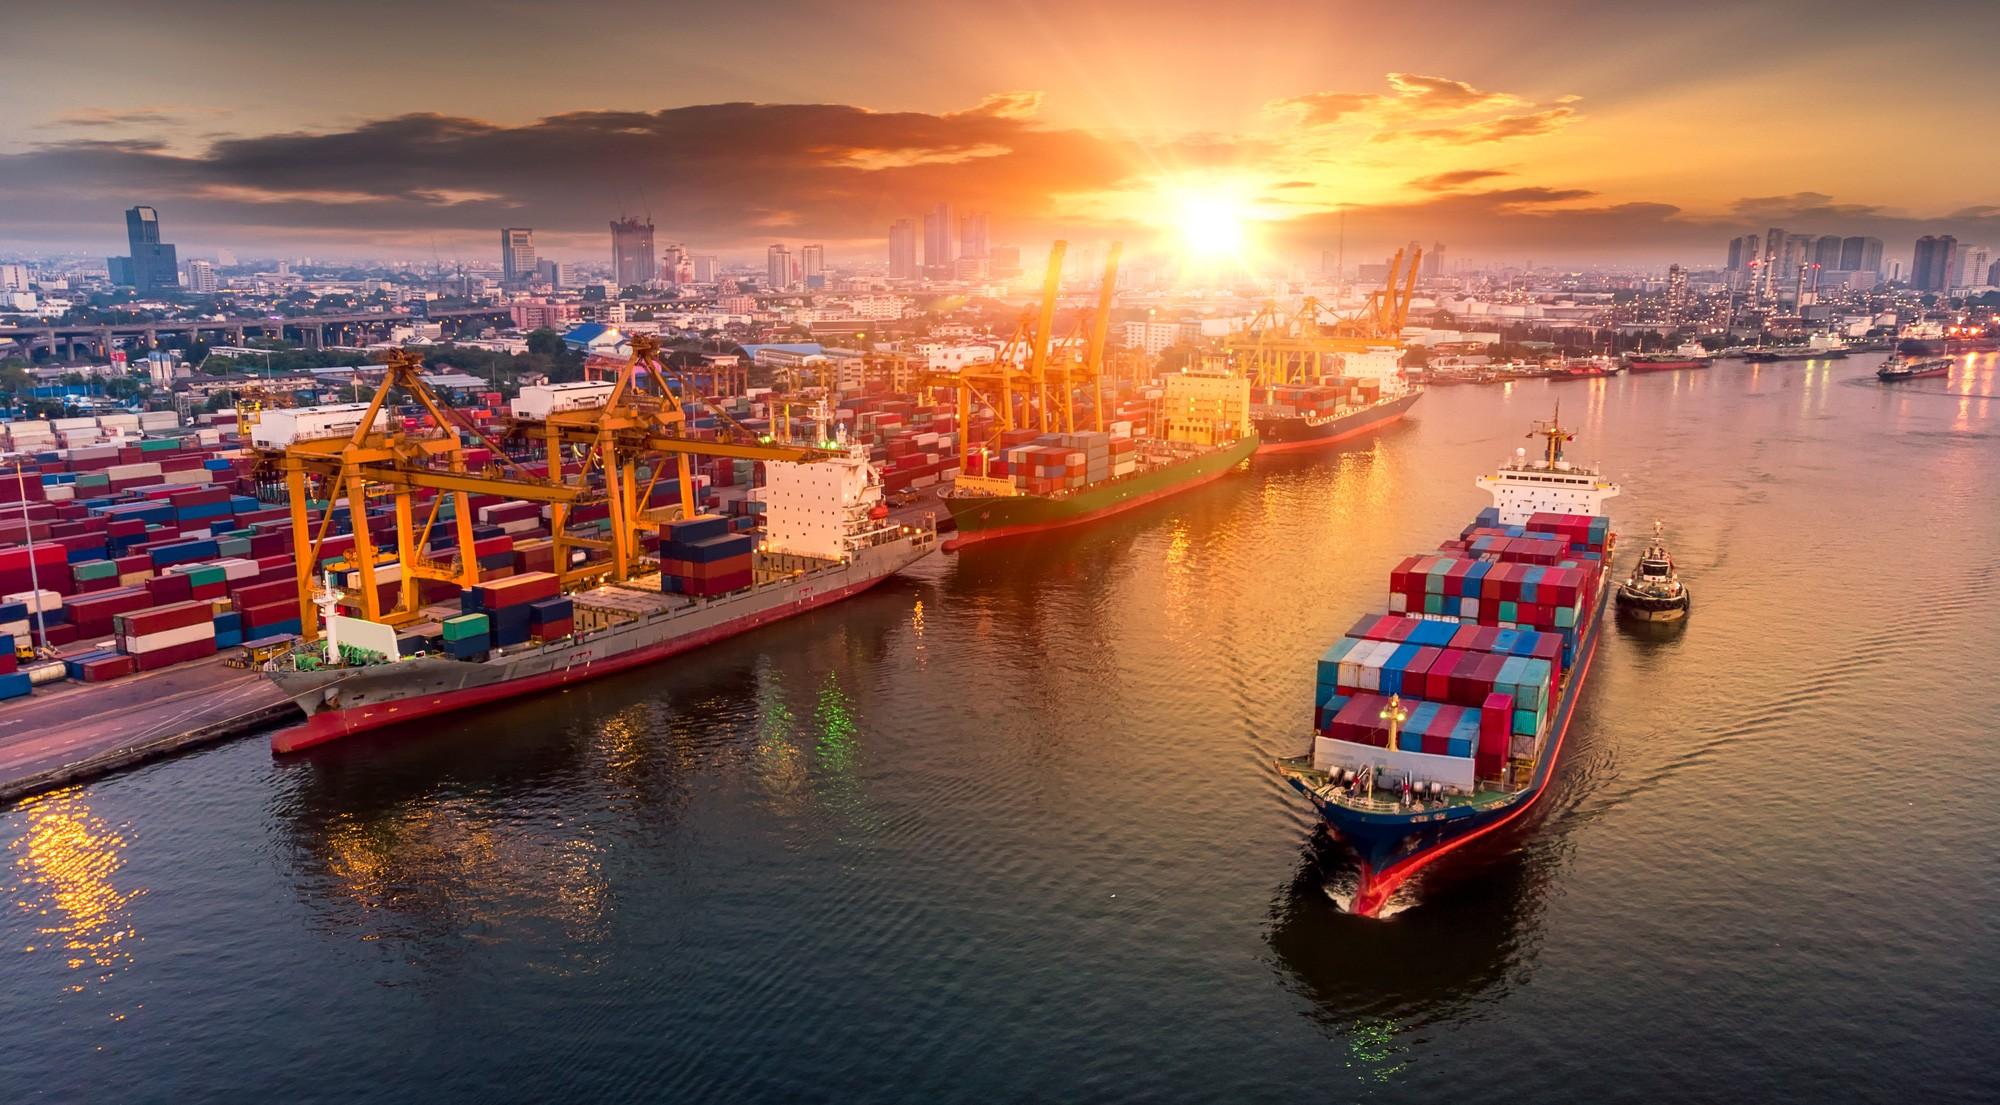 Nhập siêu tiếp tục gia tăng, 8 tháng thâm hụt thương mại 3,71 tỷ USD